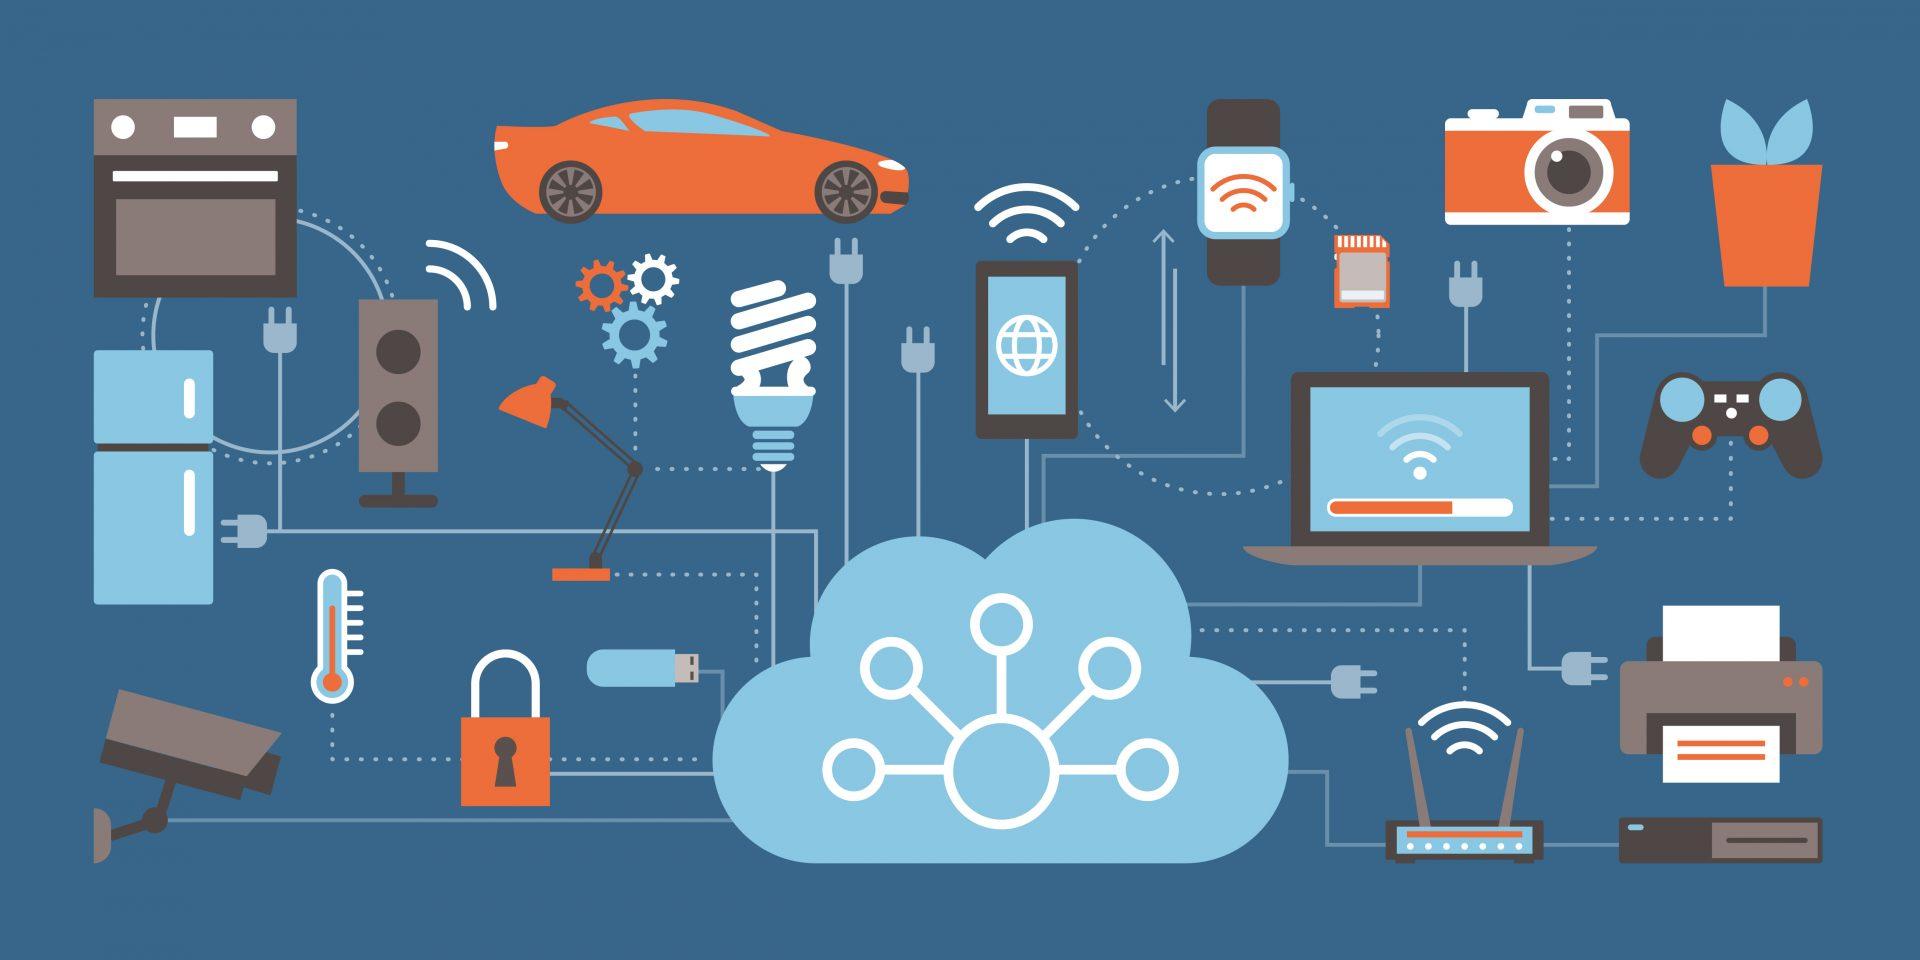 La spesa IoT supera gli 800 miliardi $ nel 2017.  A guidarla: l'hardware